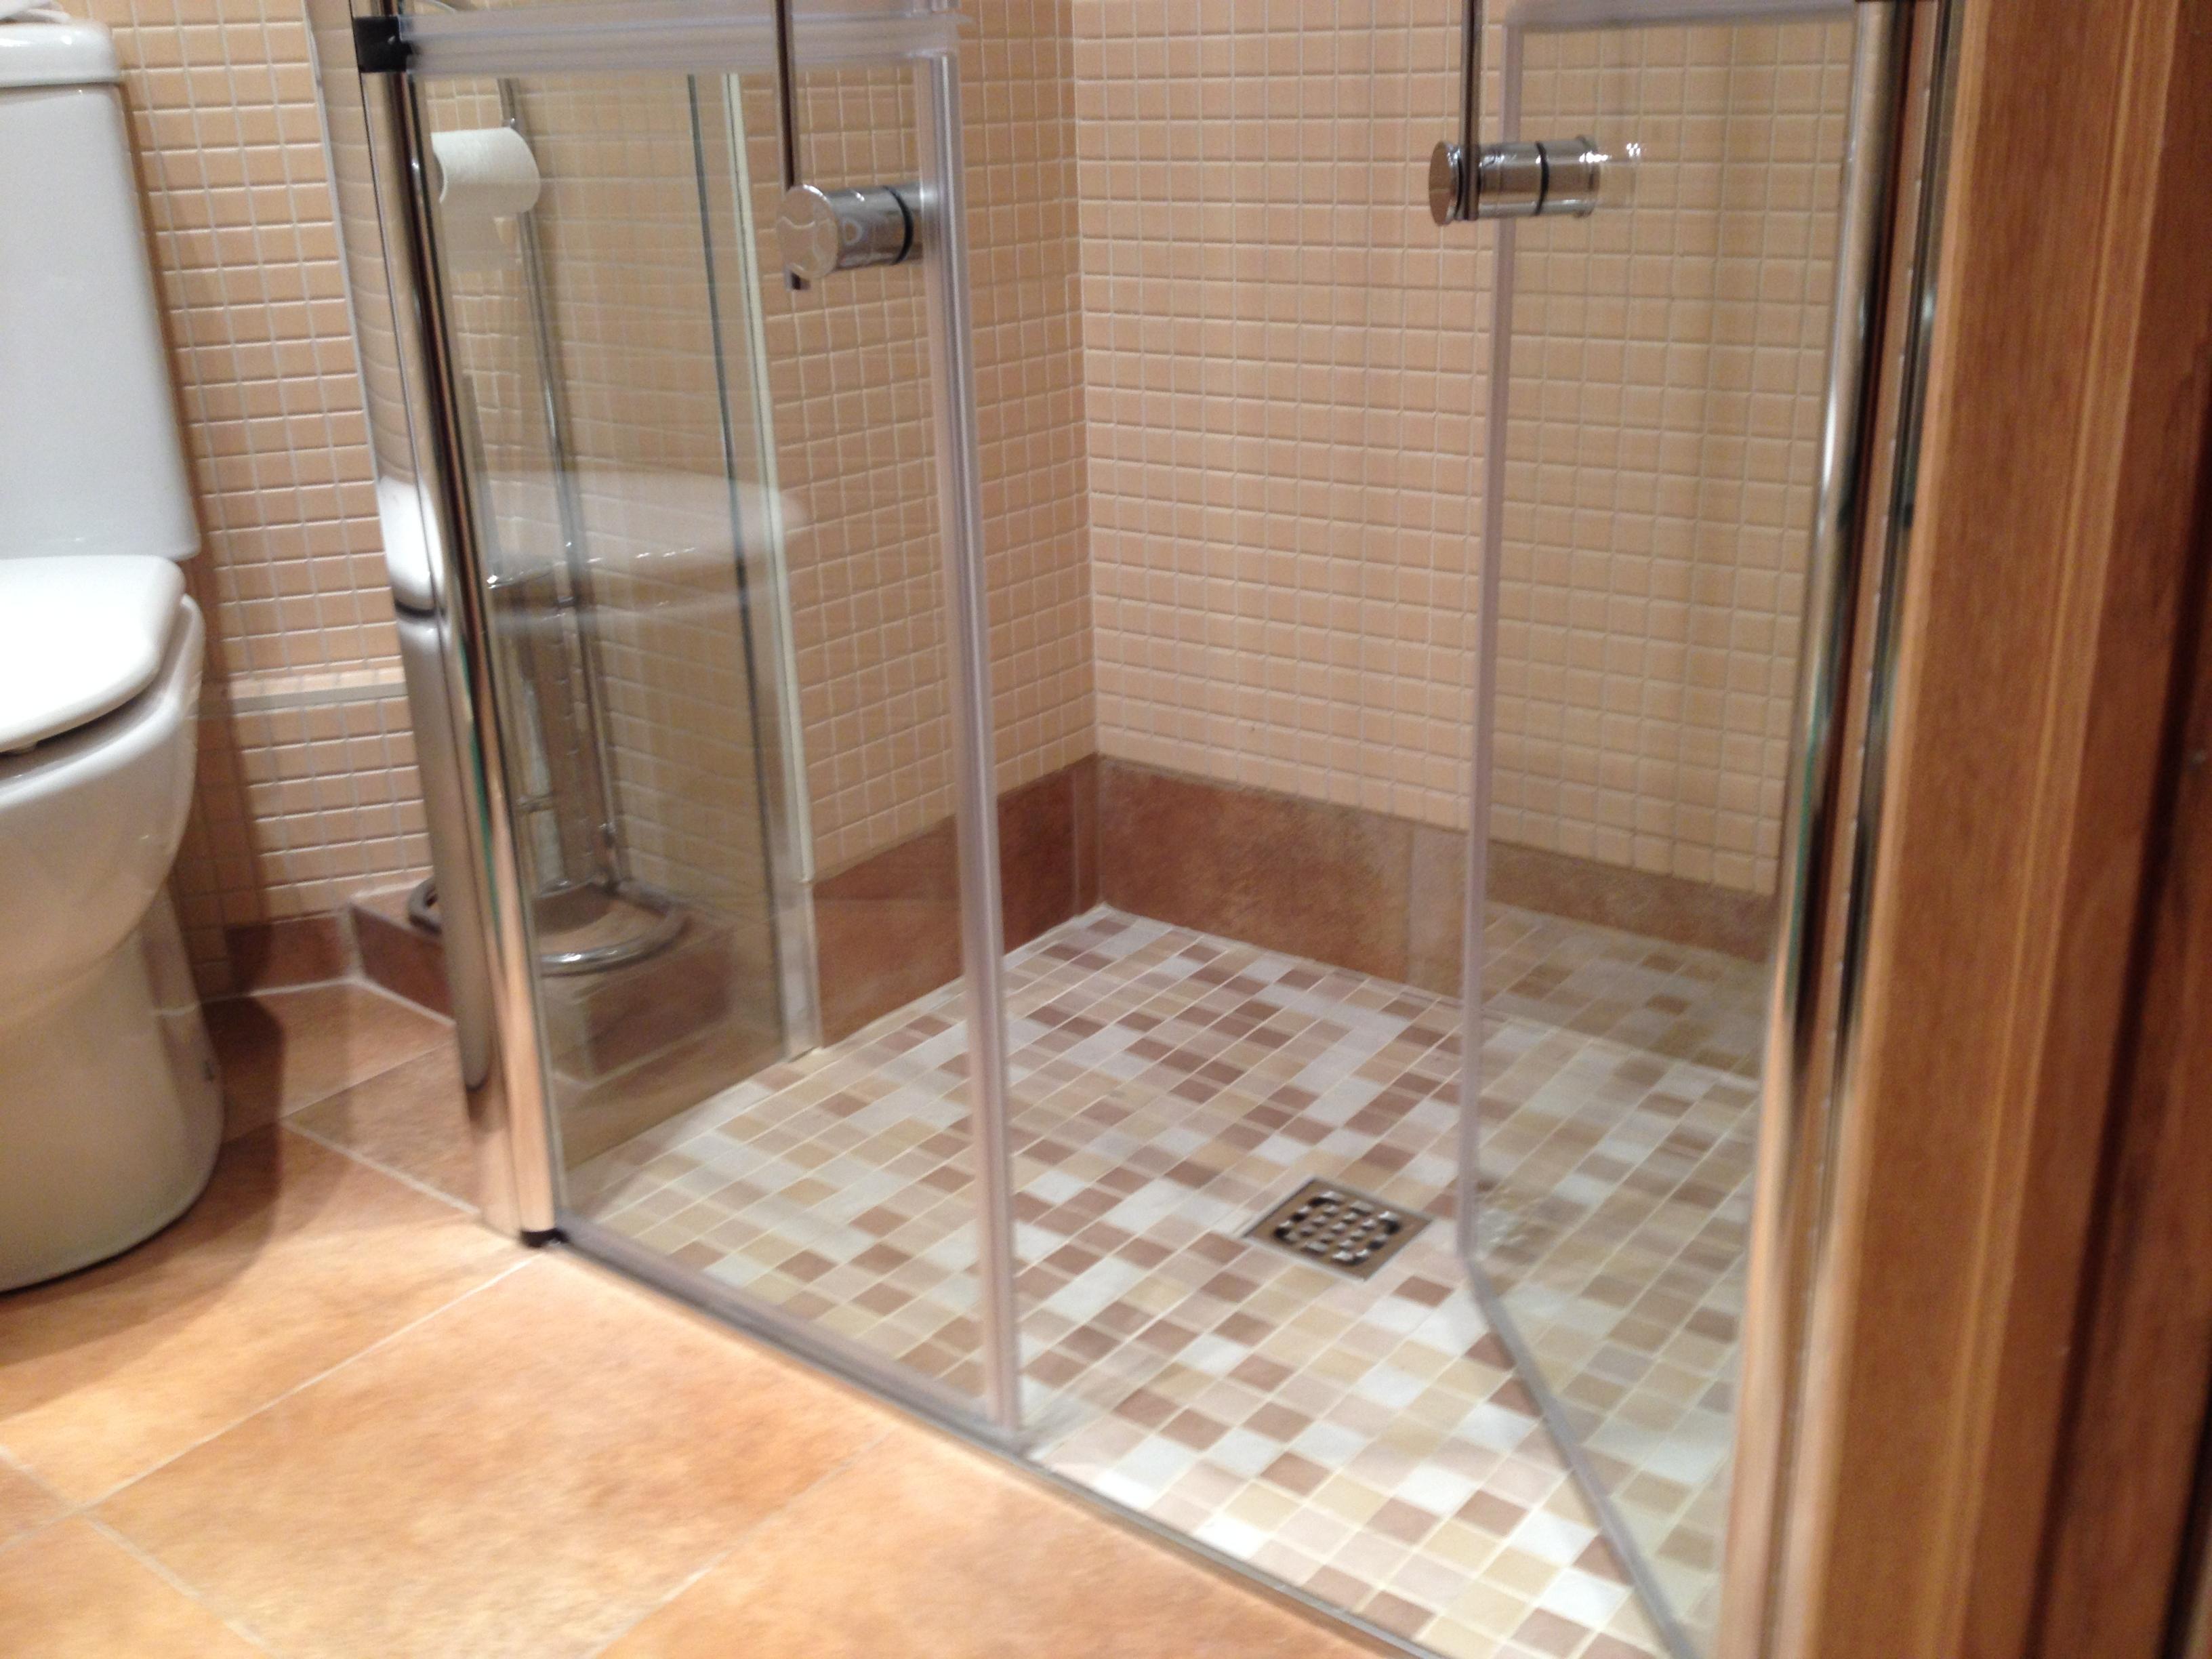 Danena instalaciones s l cambio plato de ducha - Plato ducha con mampara ...